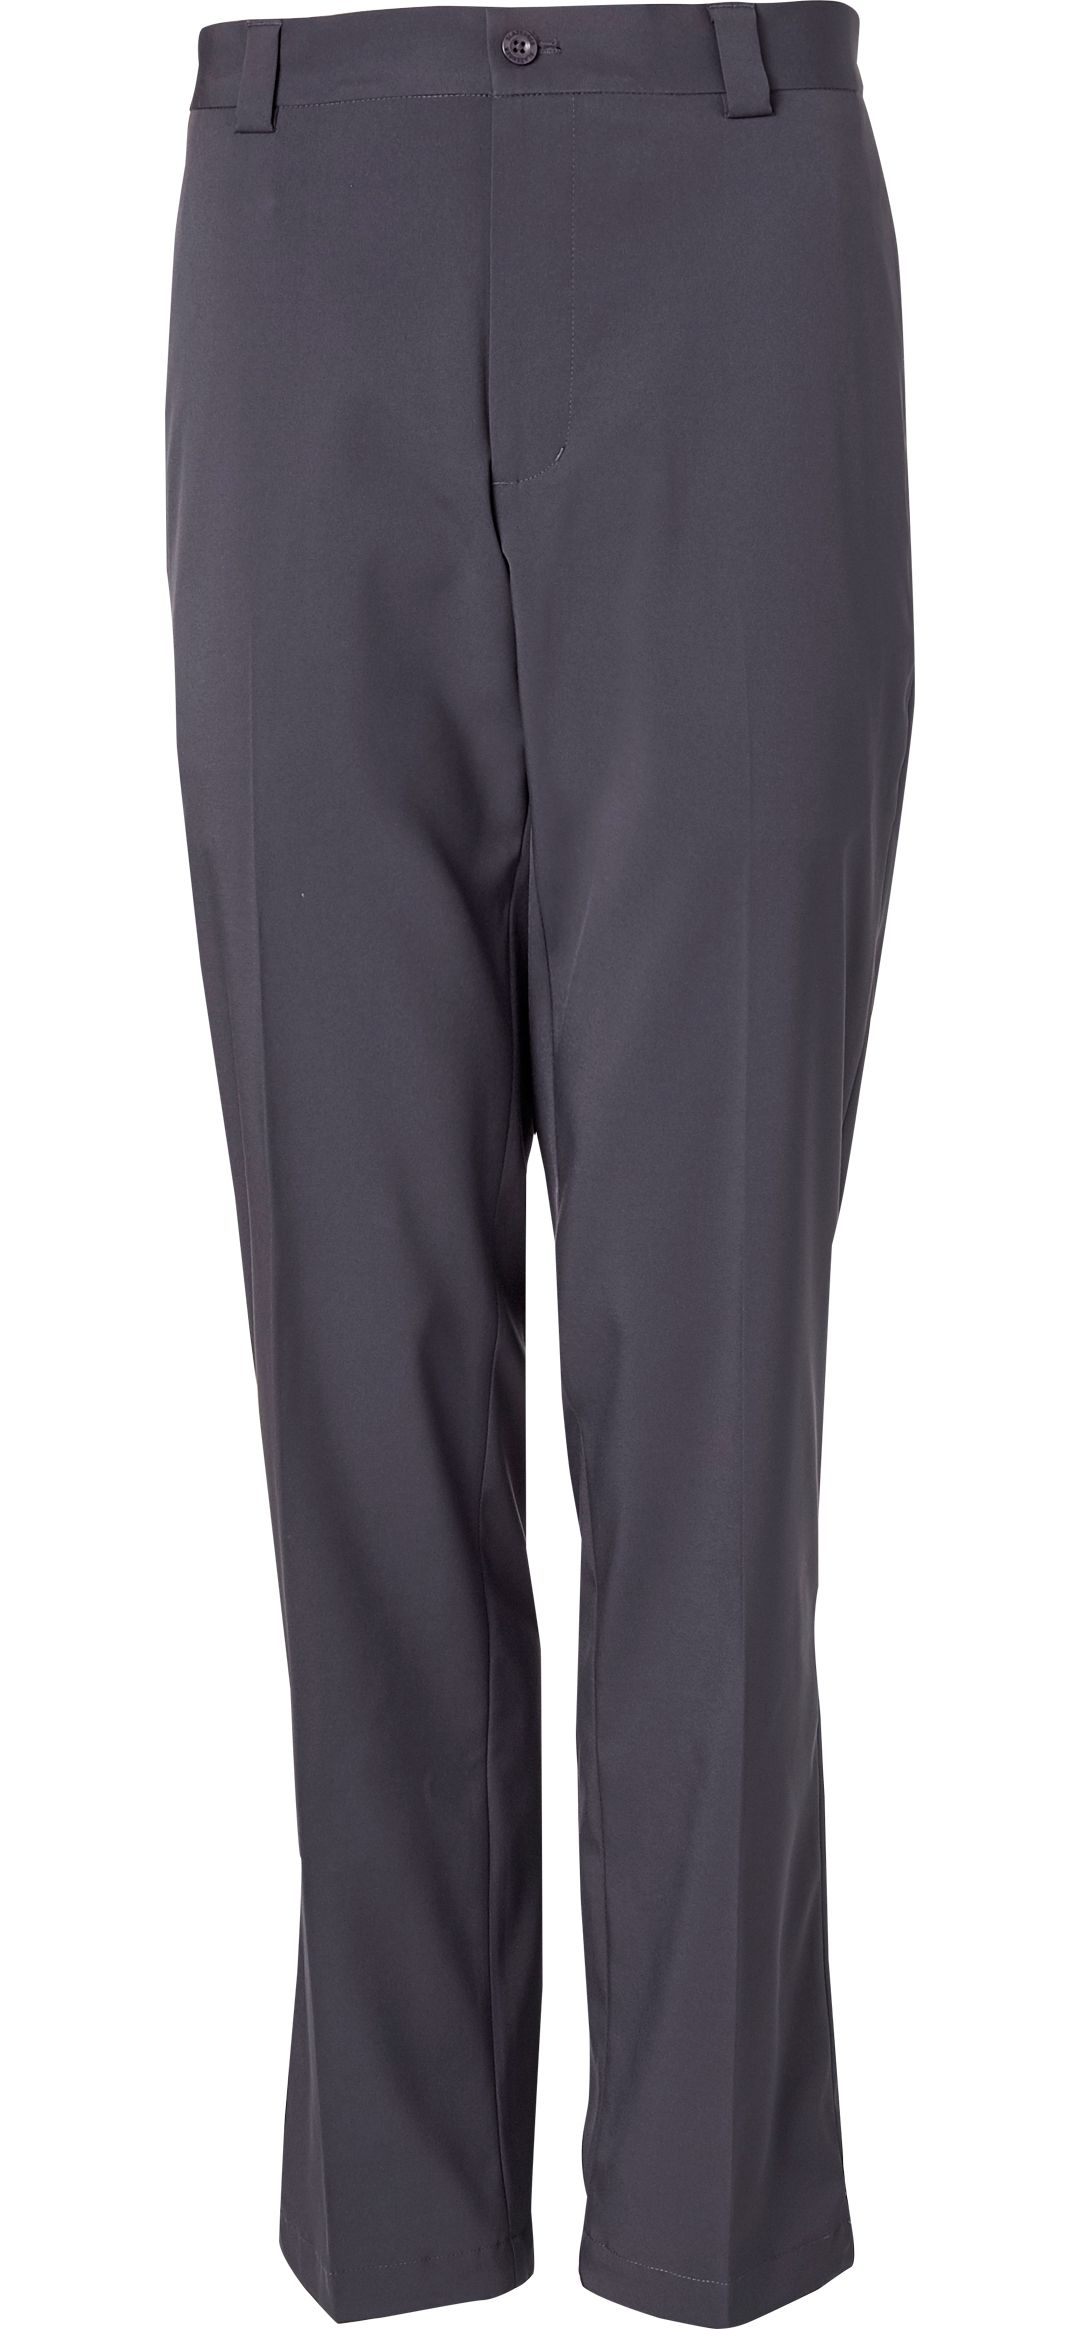 54035b142e Slazenger Men's Tech Flat Front Golf Pants | DICK'S Sporting Goods